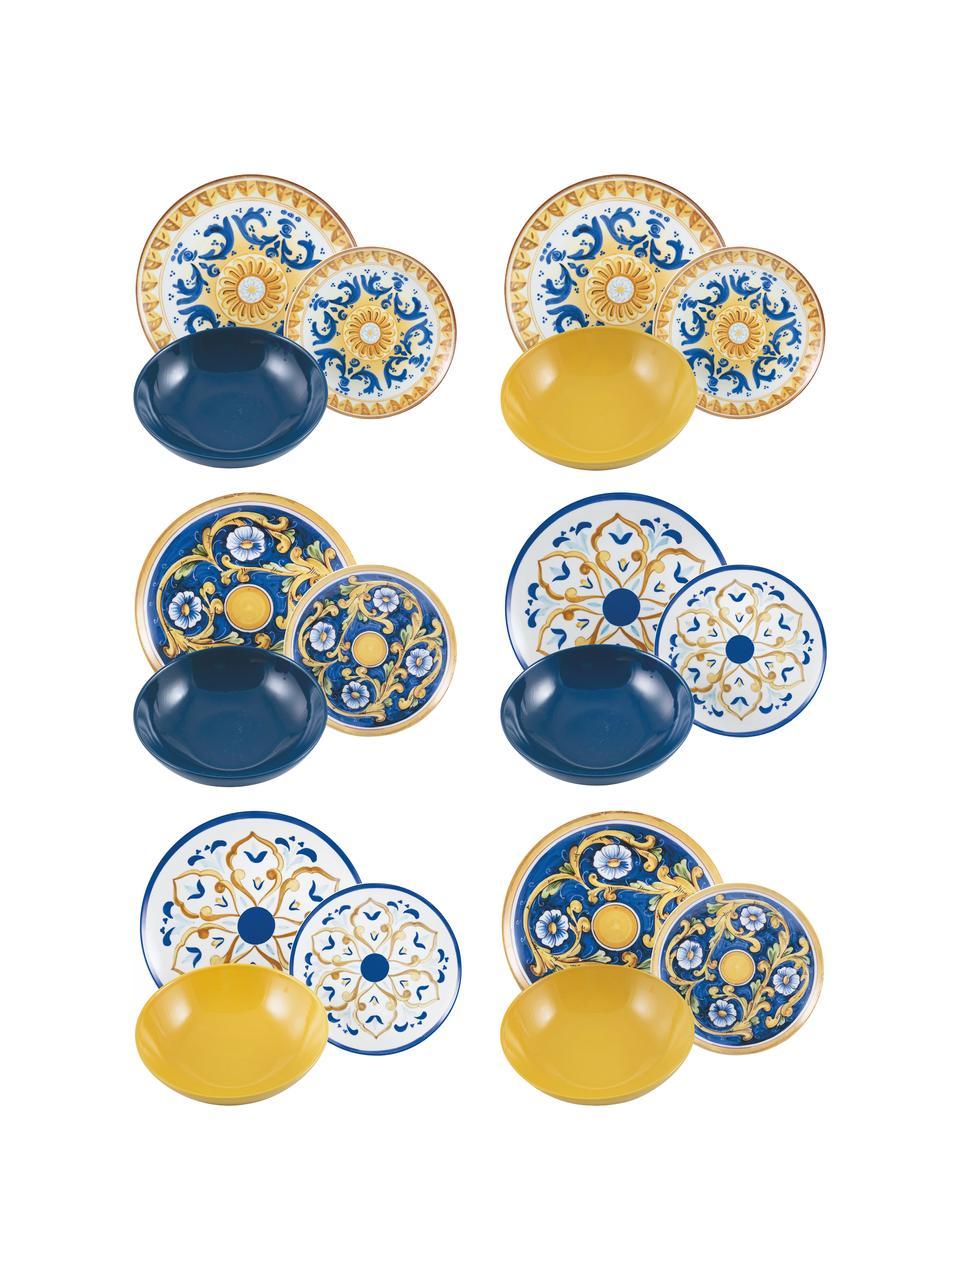 Geschirrset Sicilia, 6 Personen (18-tlg.), Weiß, Dunkelblau, Gelb, Set mit verschiedenen Größen